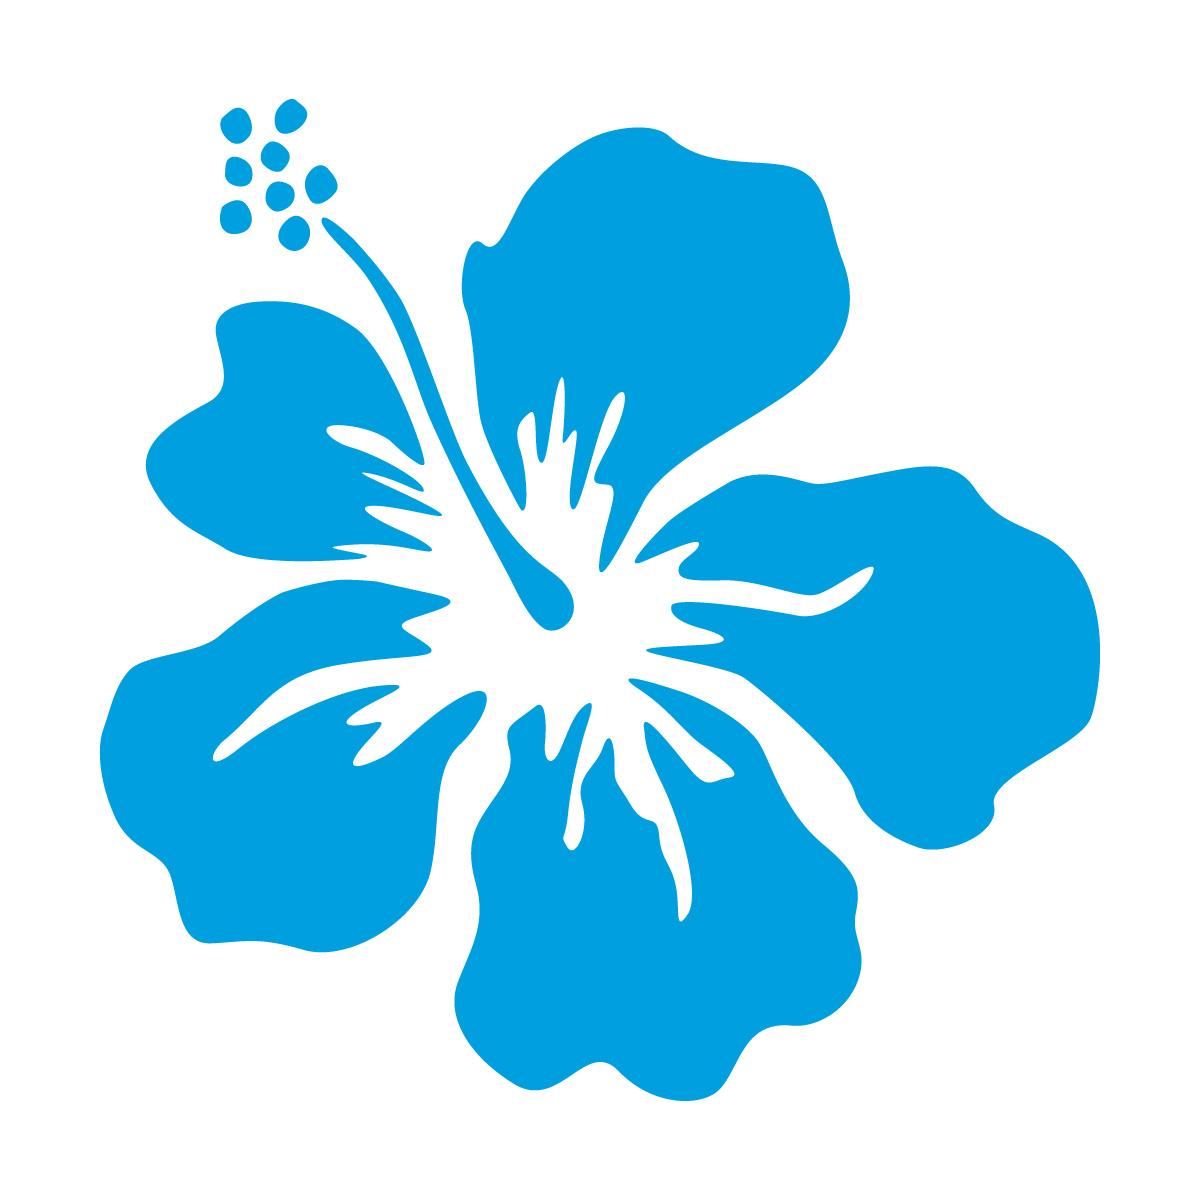 青色のハイビスカス・南国植物のカッティングステッカー・シール